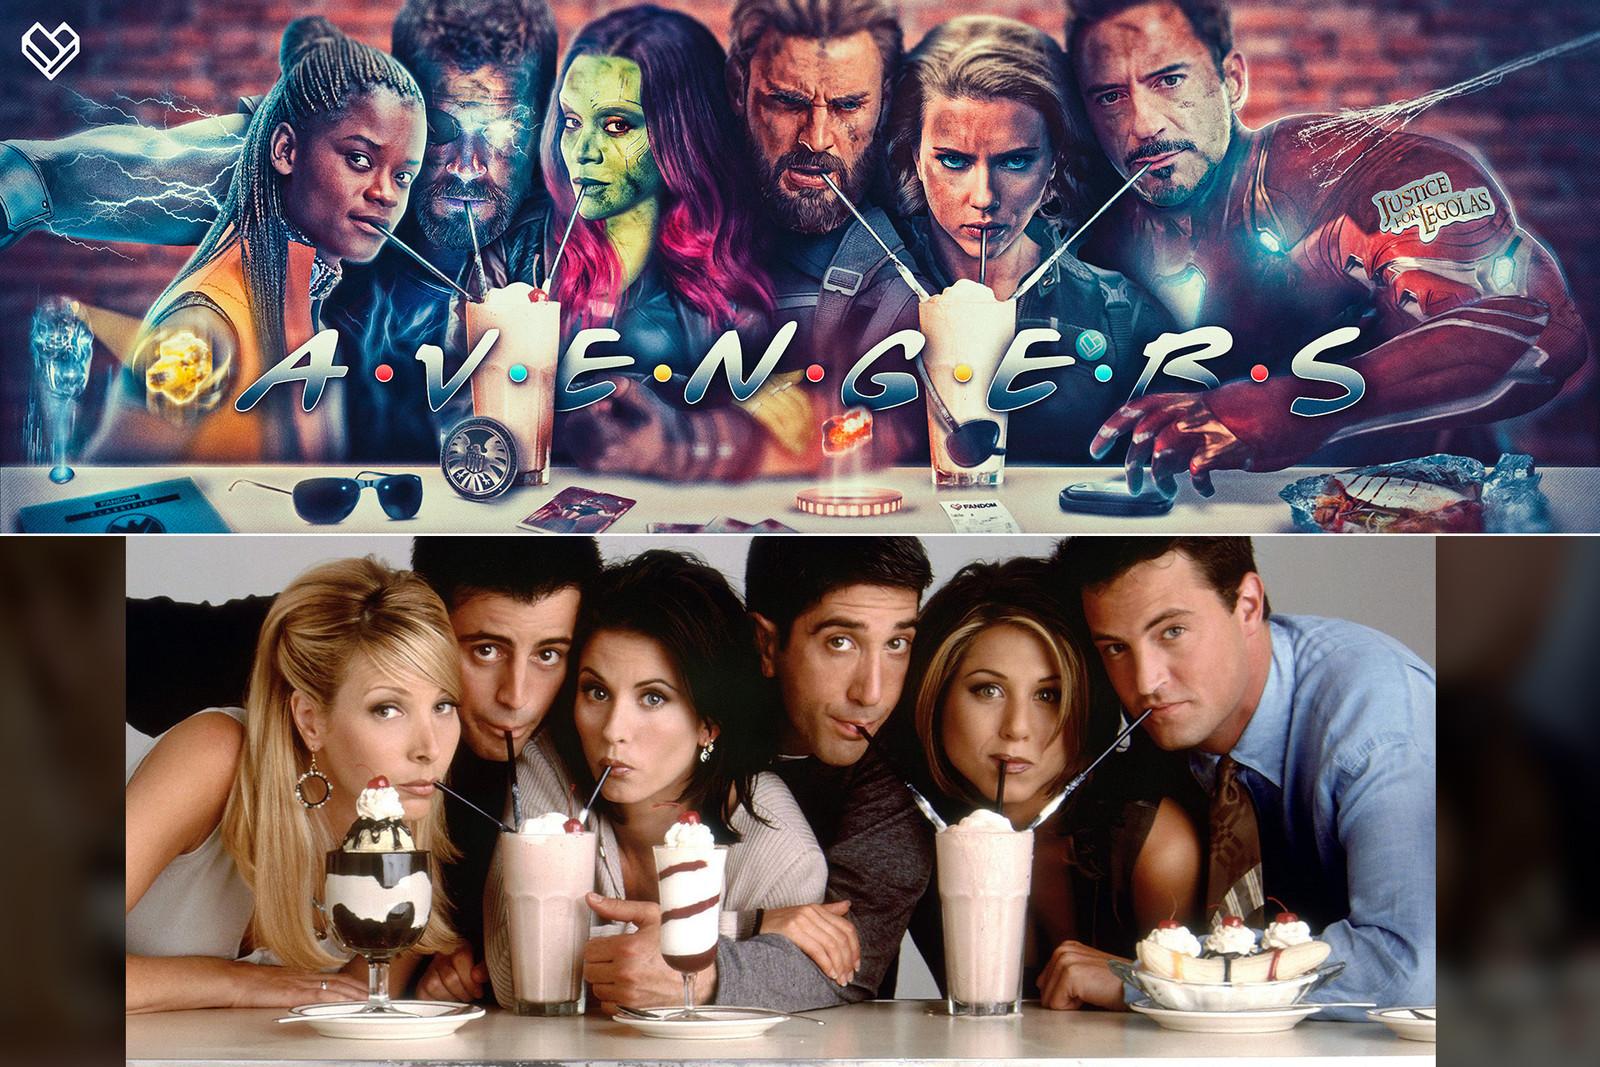 Avengers meets Friends